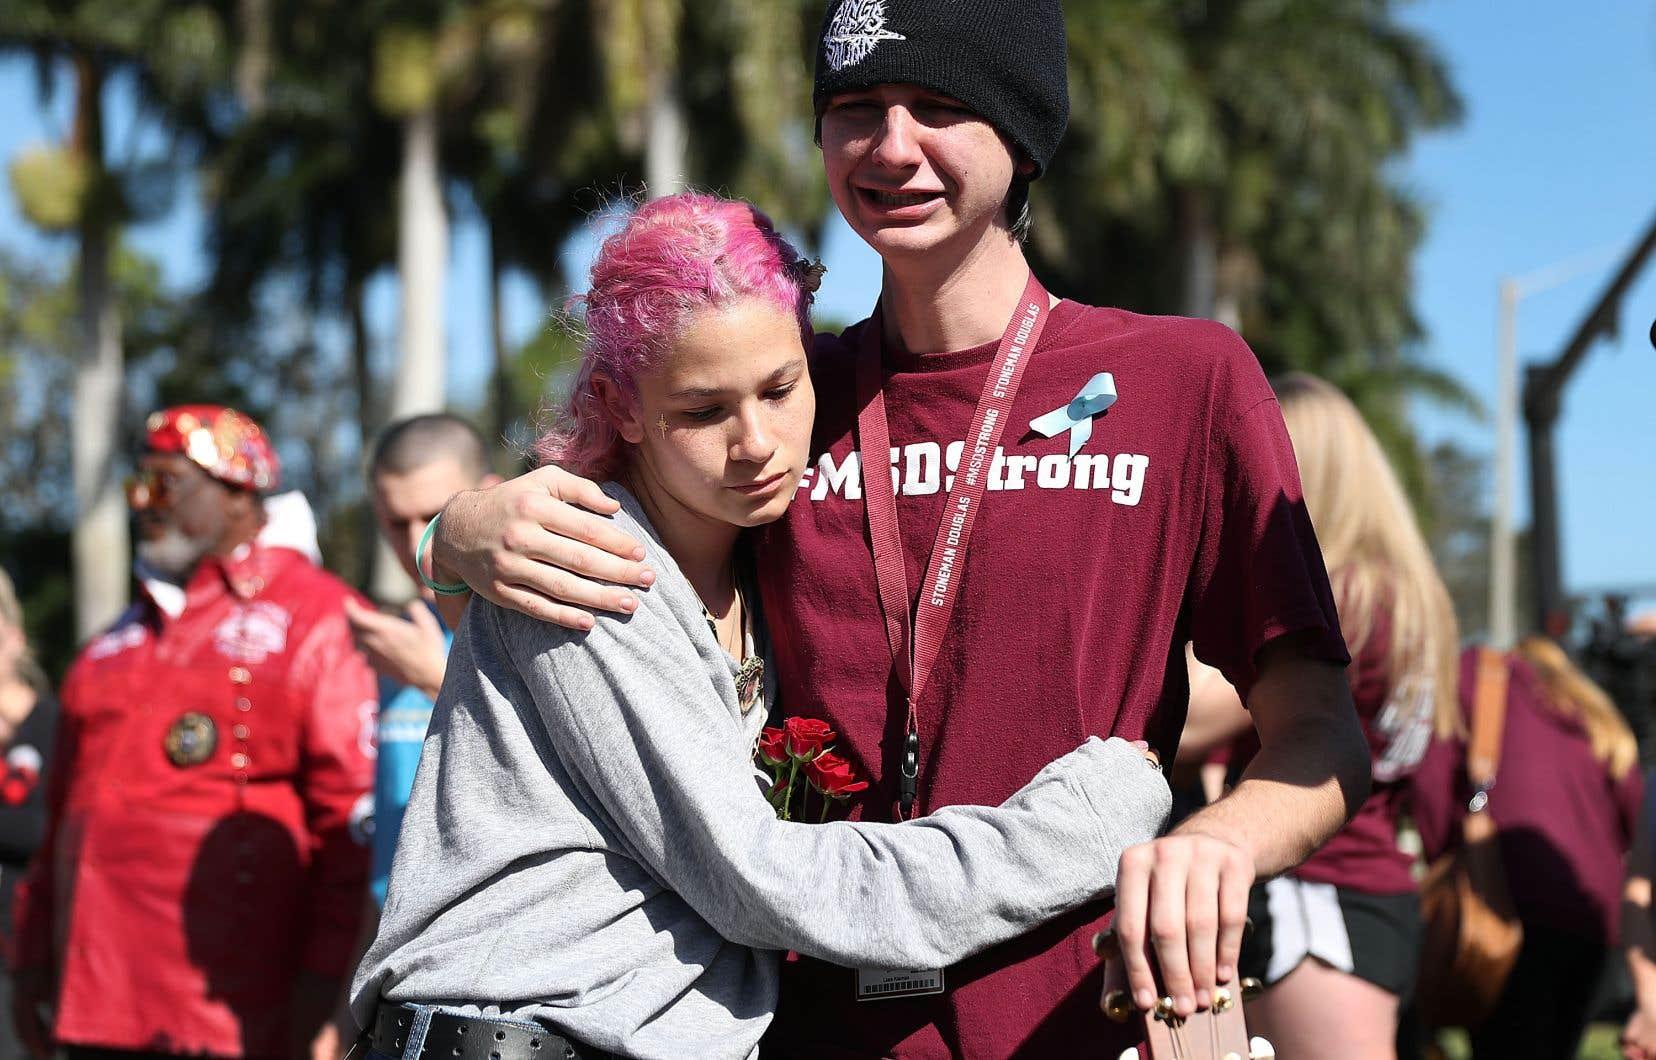 Victoria Gonzalez et Liam Kiernan, tous deux étudiants à l'école secondaire Marjory Stoneman Douglas, se réconfortent en ce premier anniversaire de la tragédie.